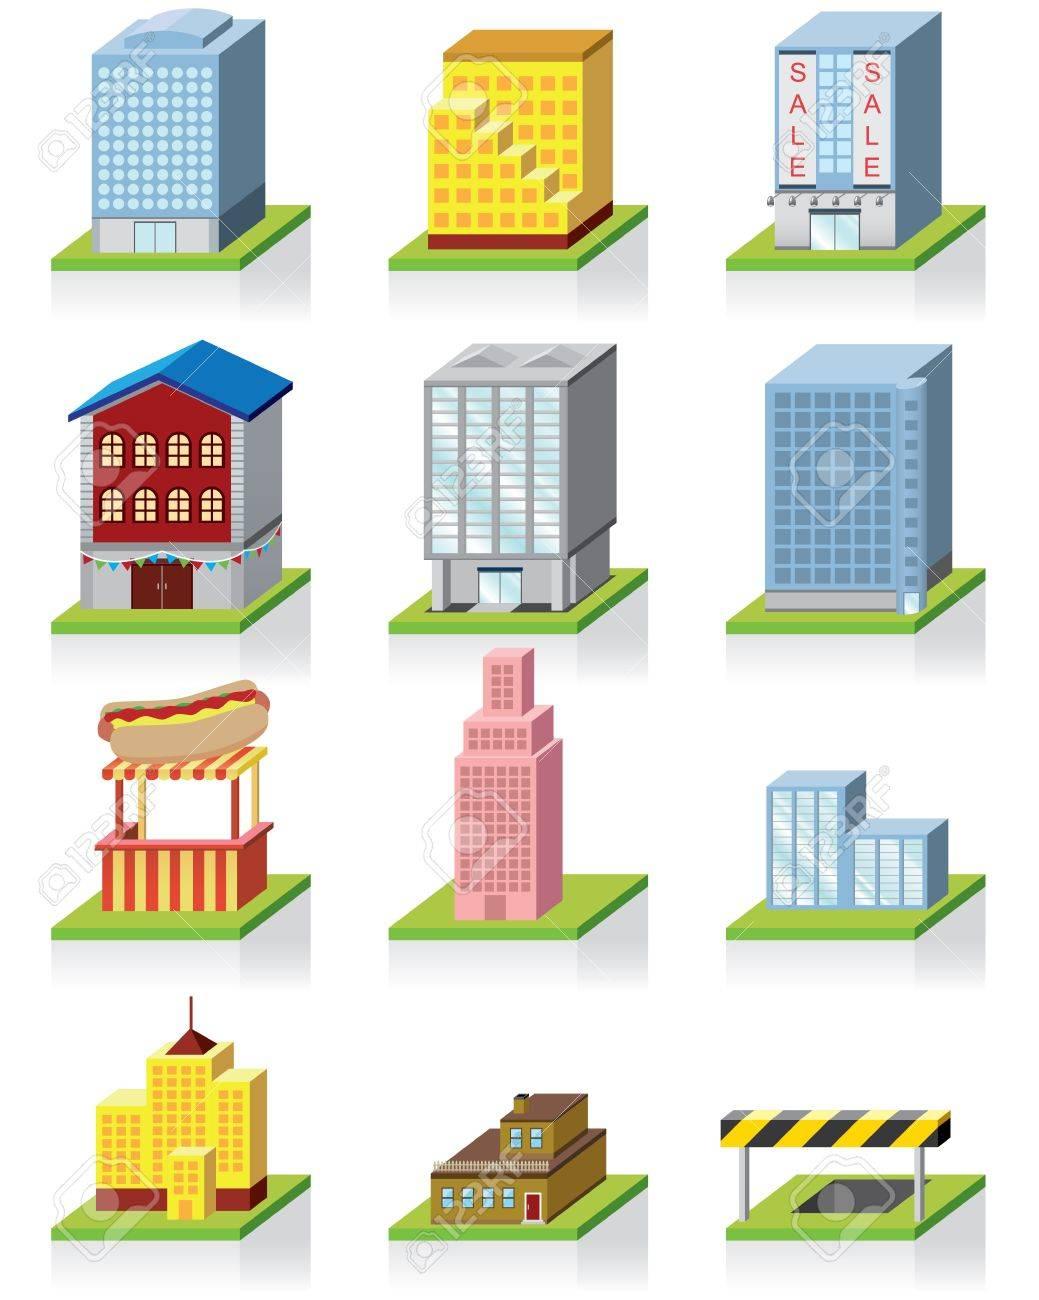 商業建物のアイコン 3 D イラストのイラスト素材ベクタ Image